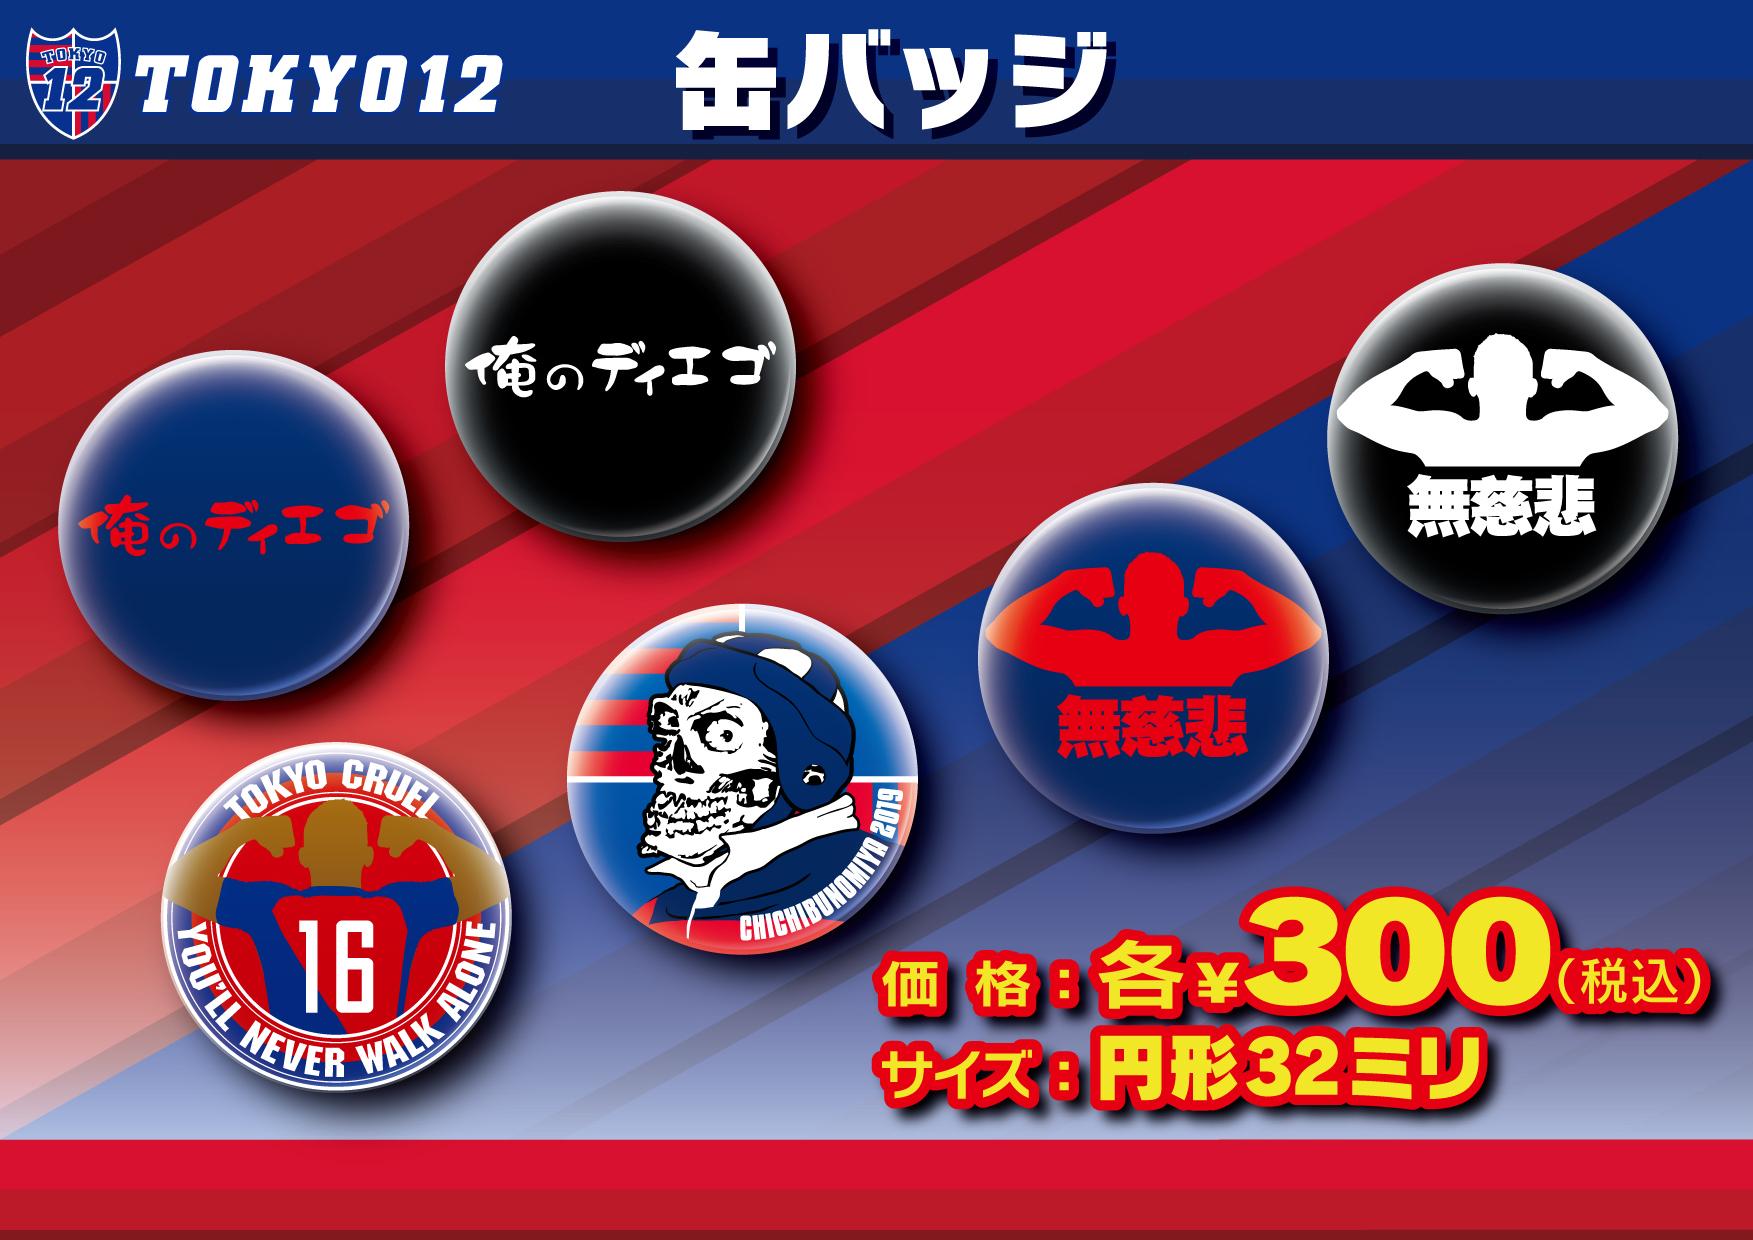 【メール便発送可】TOKYO12 2019カンバッチ